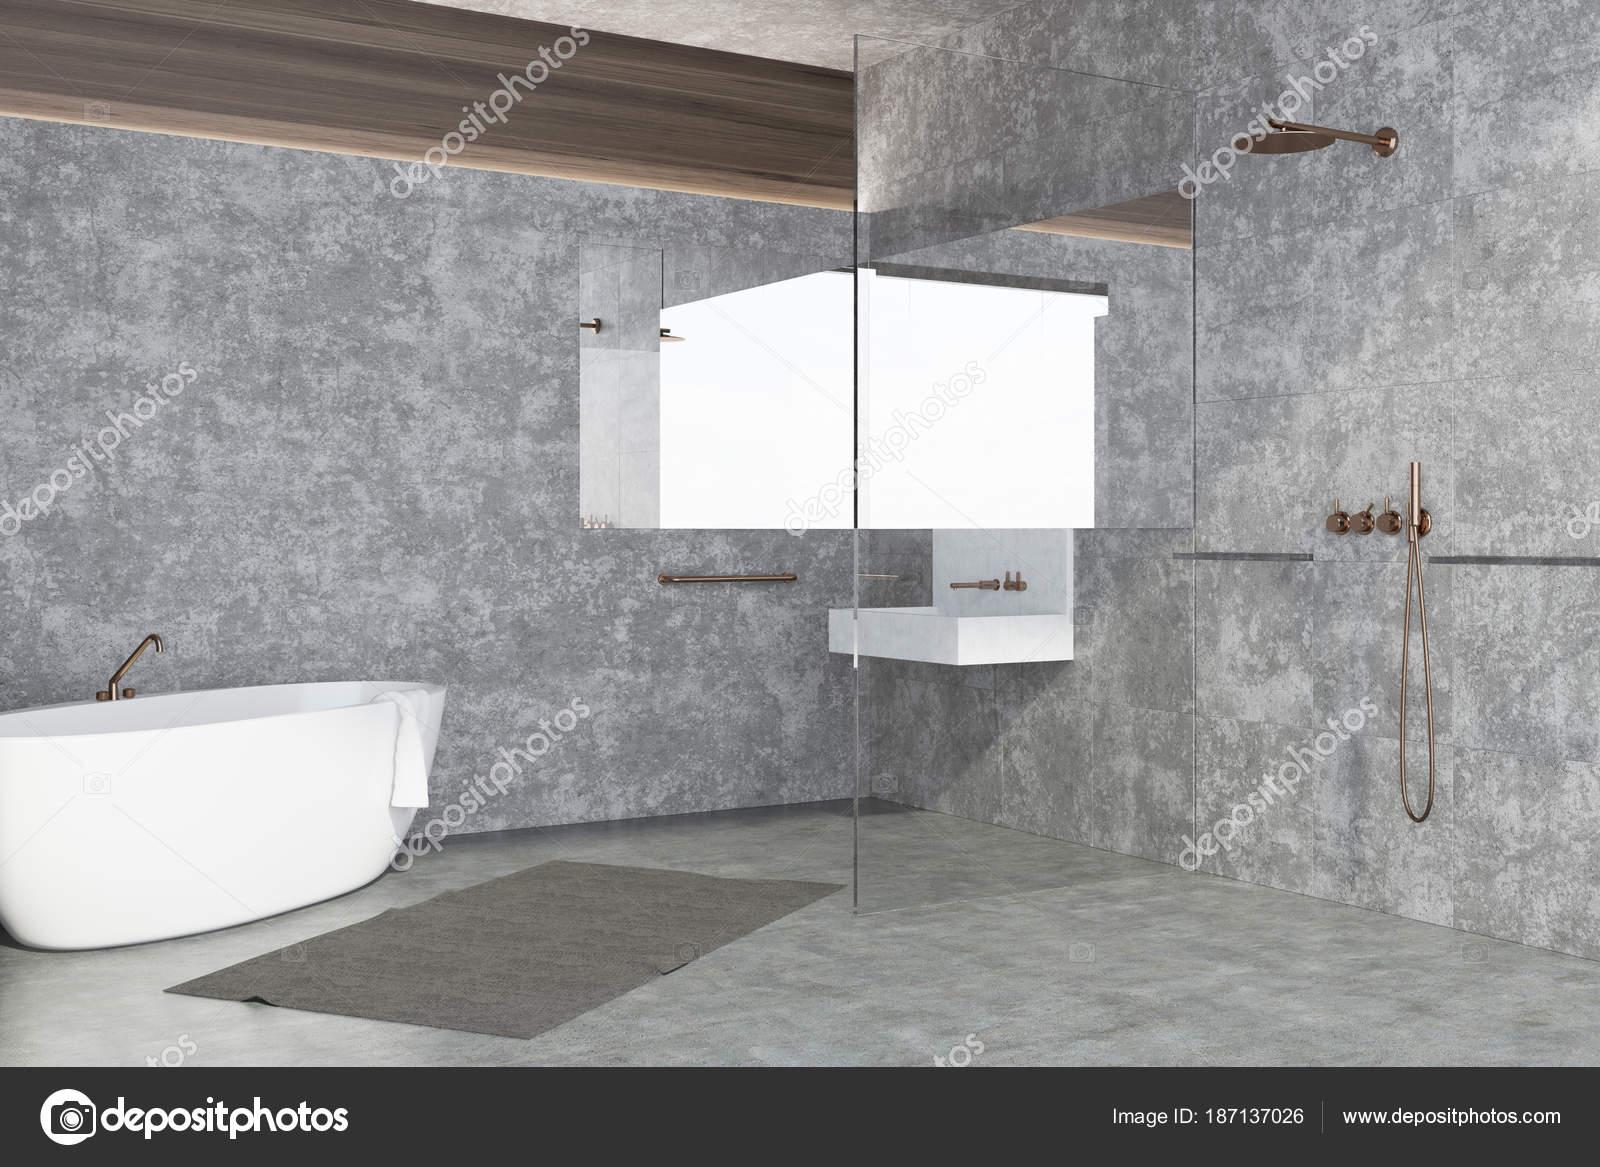 Vasca Da Lavare In Cemento : Interiore della stanza da bagno di muro di cemento u foto stock